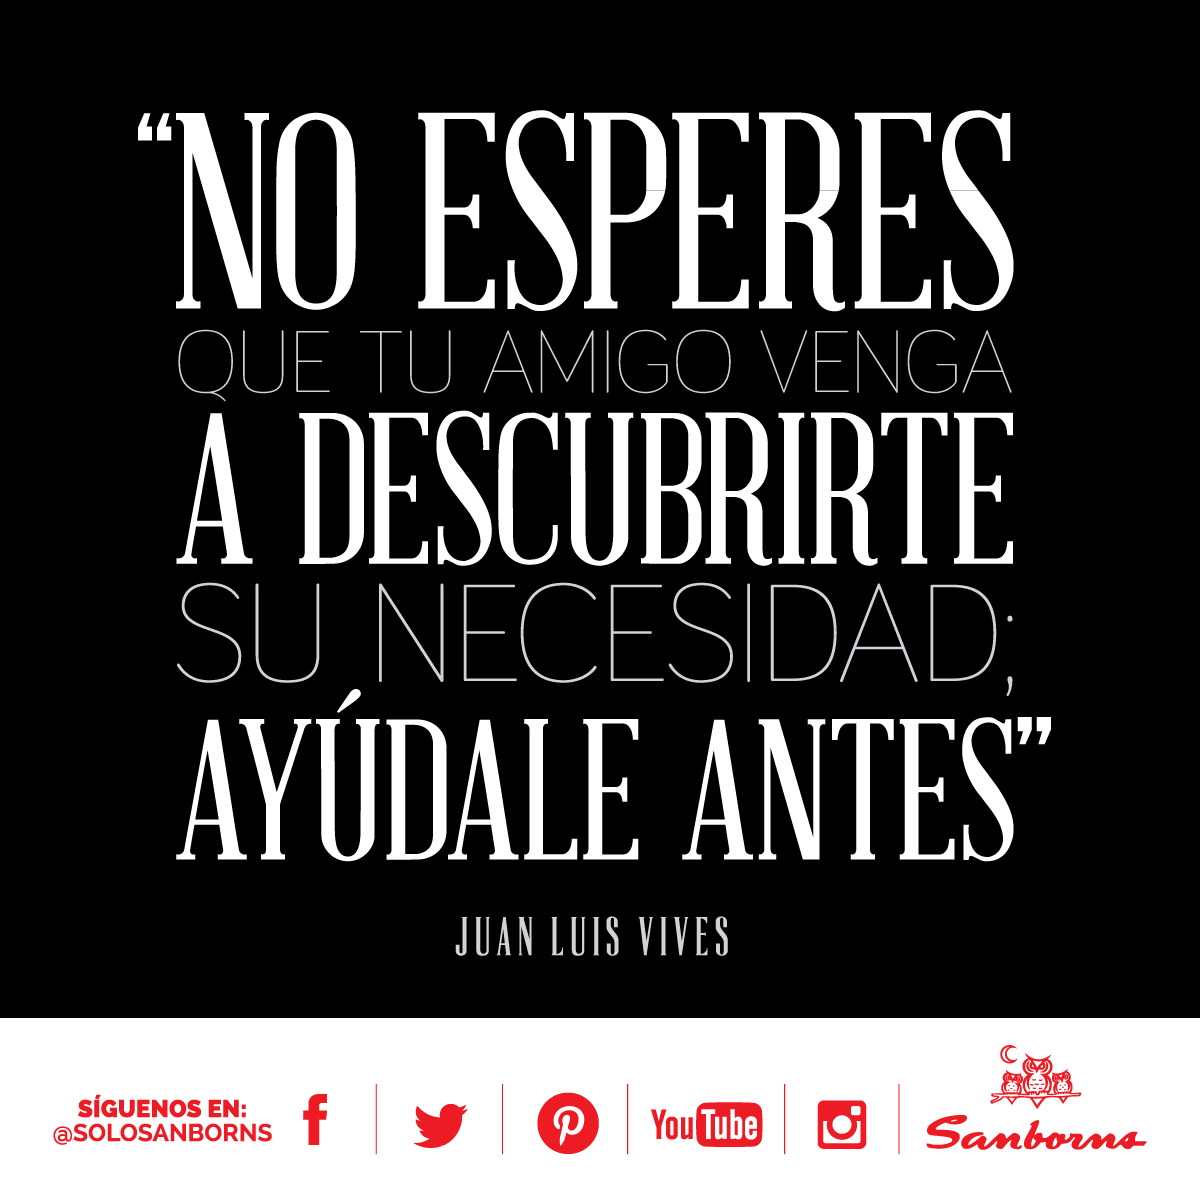 Juan Luis Vives Luis Vives Frases Motivacionales Y